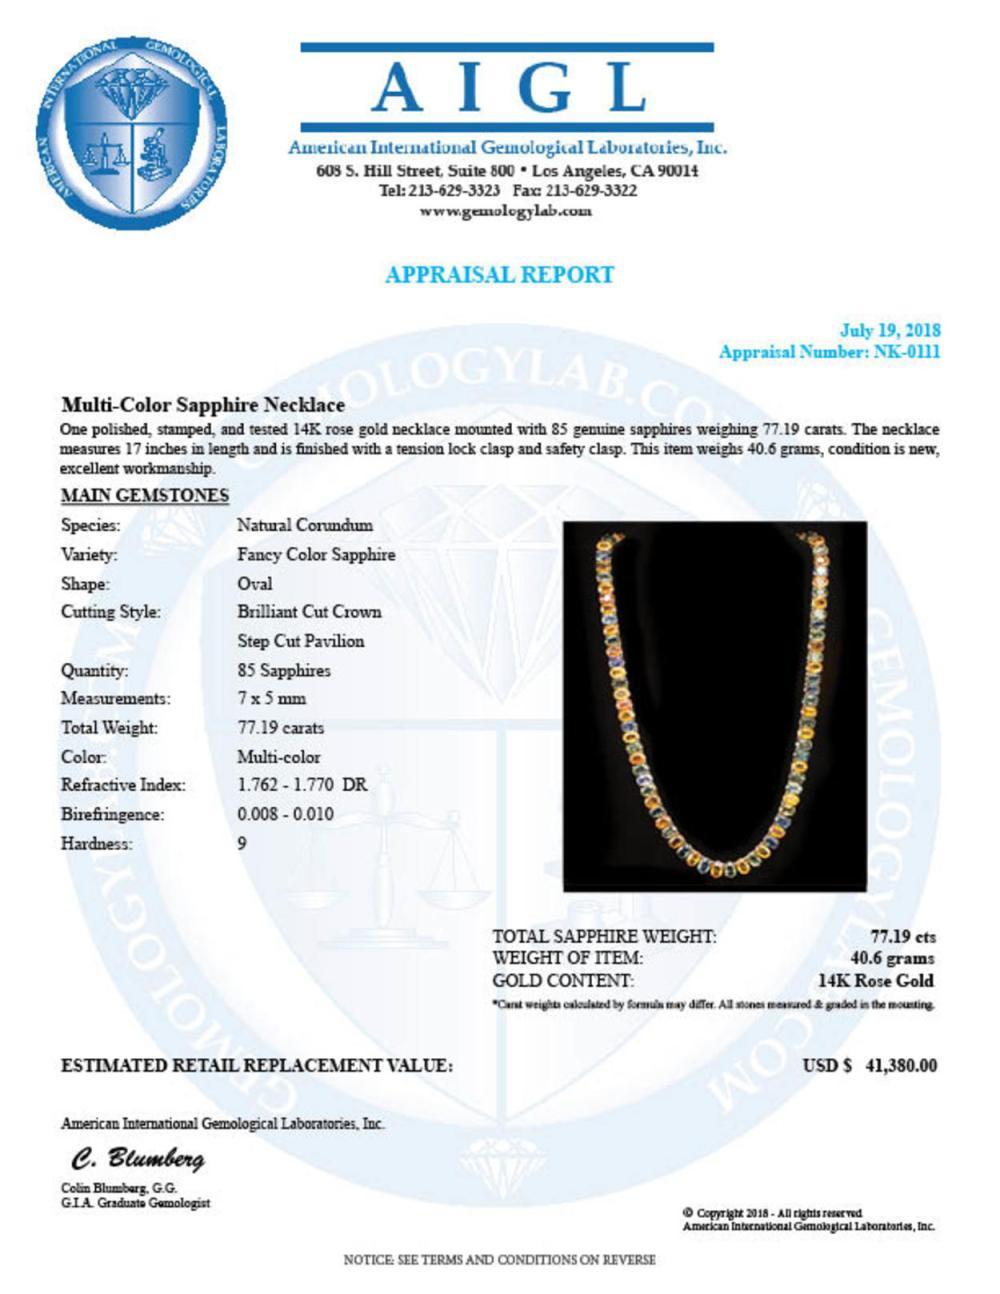 Lot 43: 14K Gold 77.19ct Multi-Color Sapphire Necklace